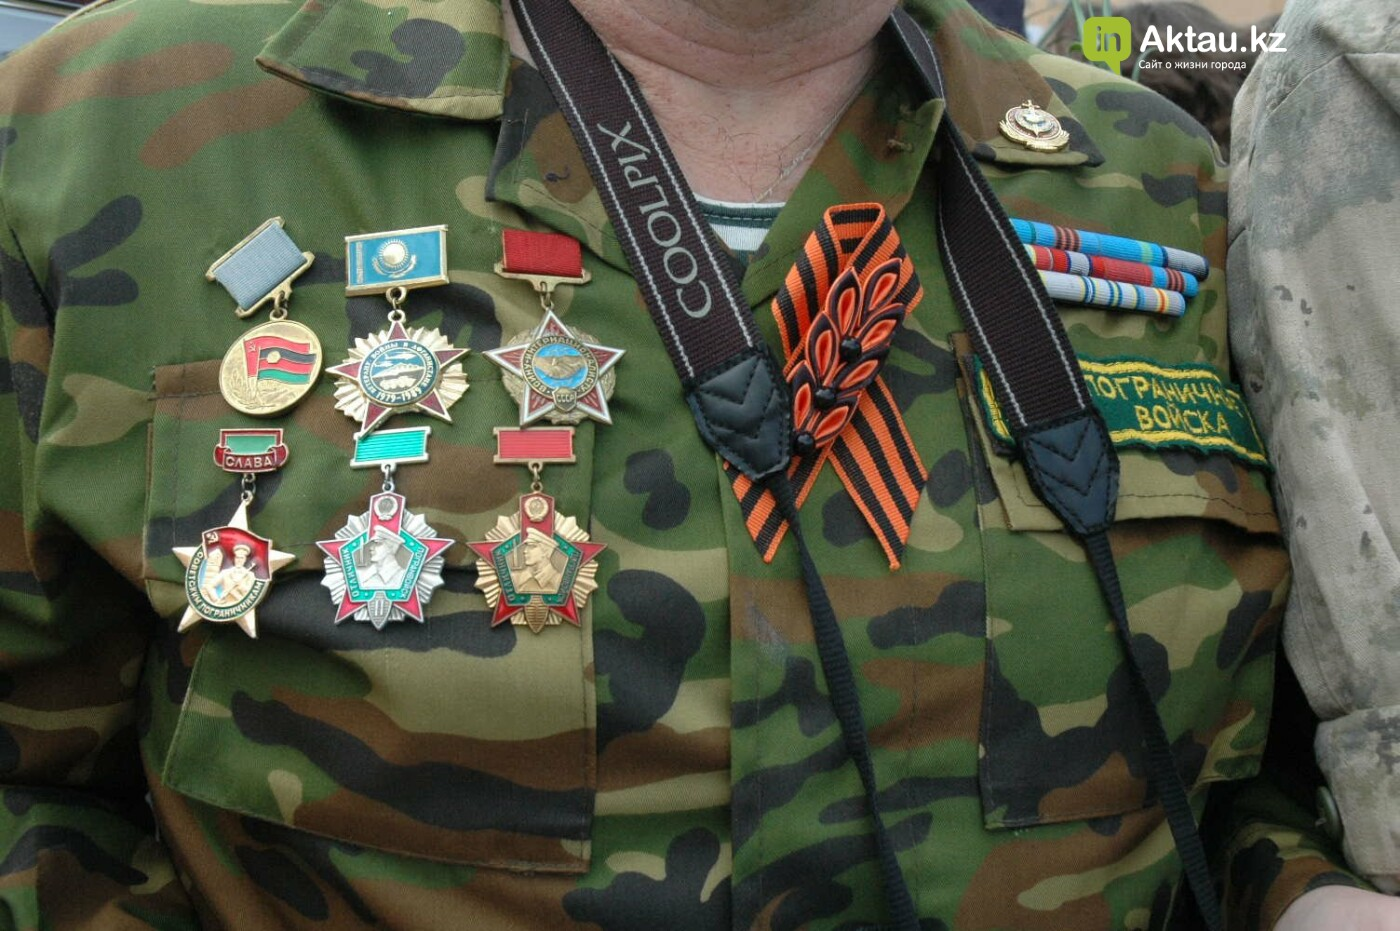 Как праздновали День Победы в Актау (ВИДЕО), фото-3